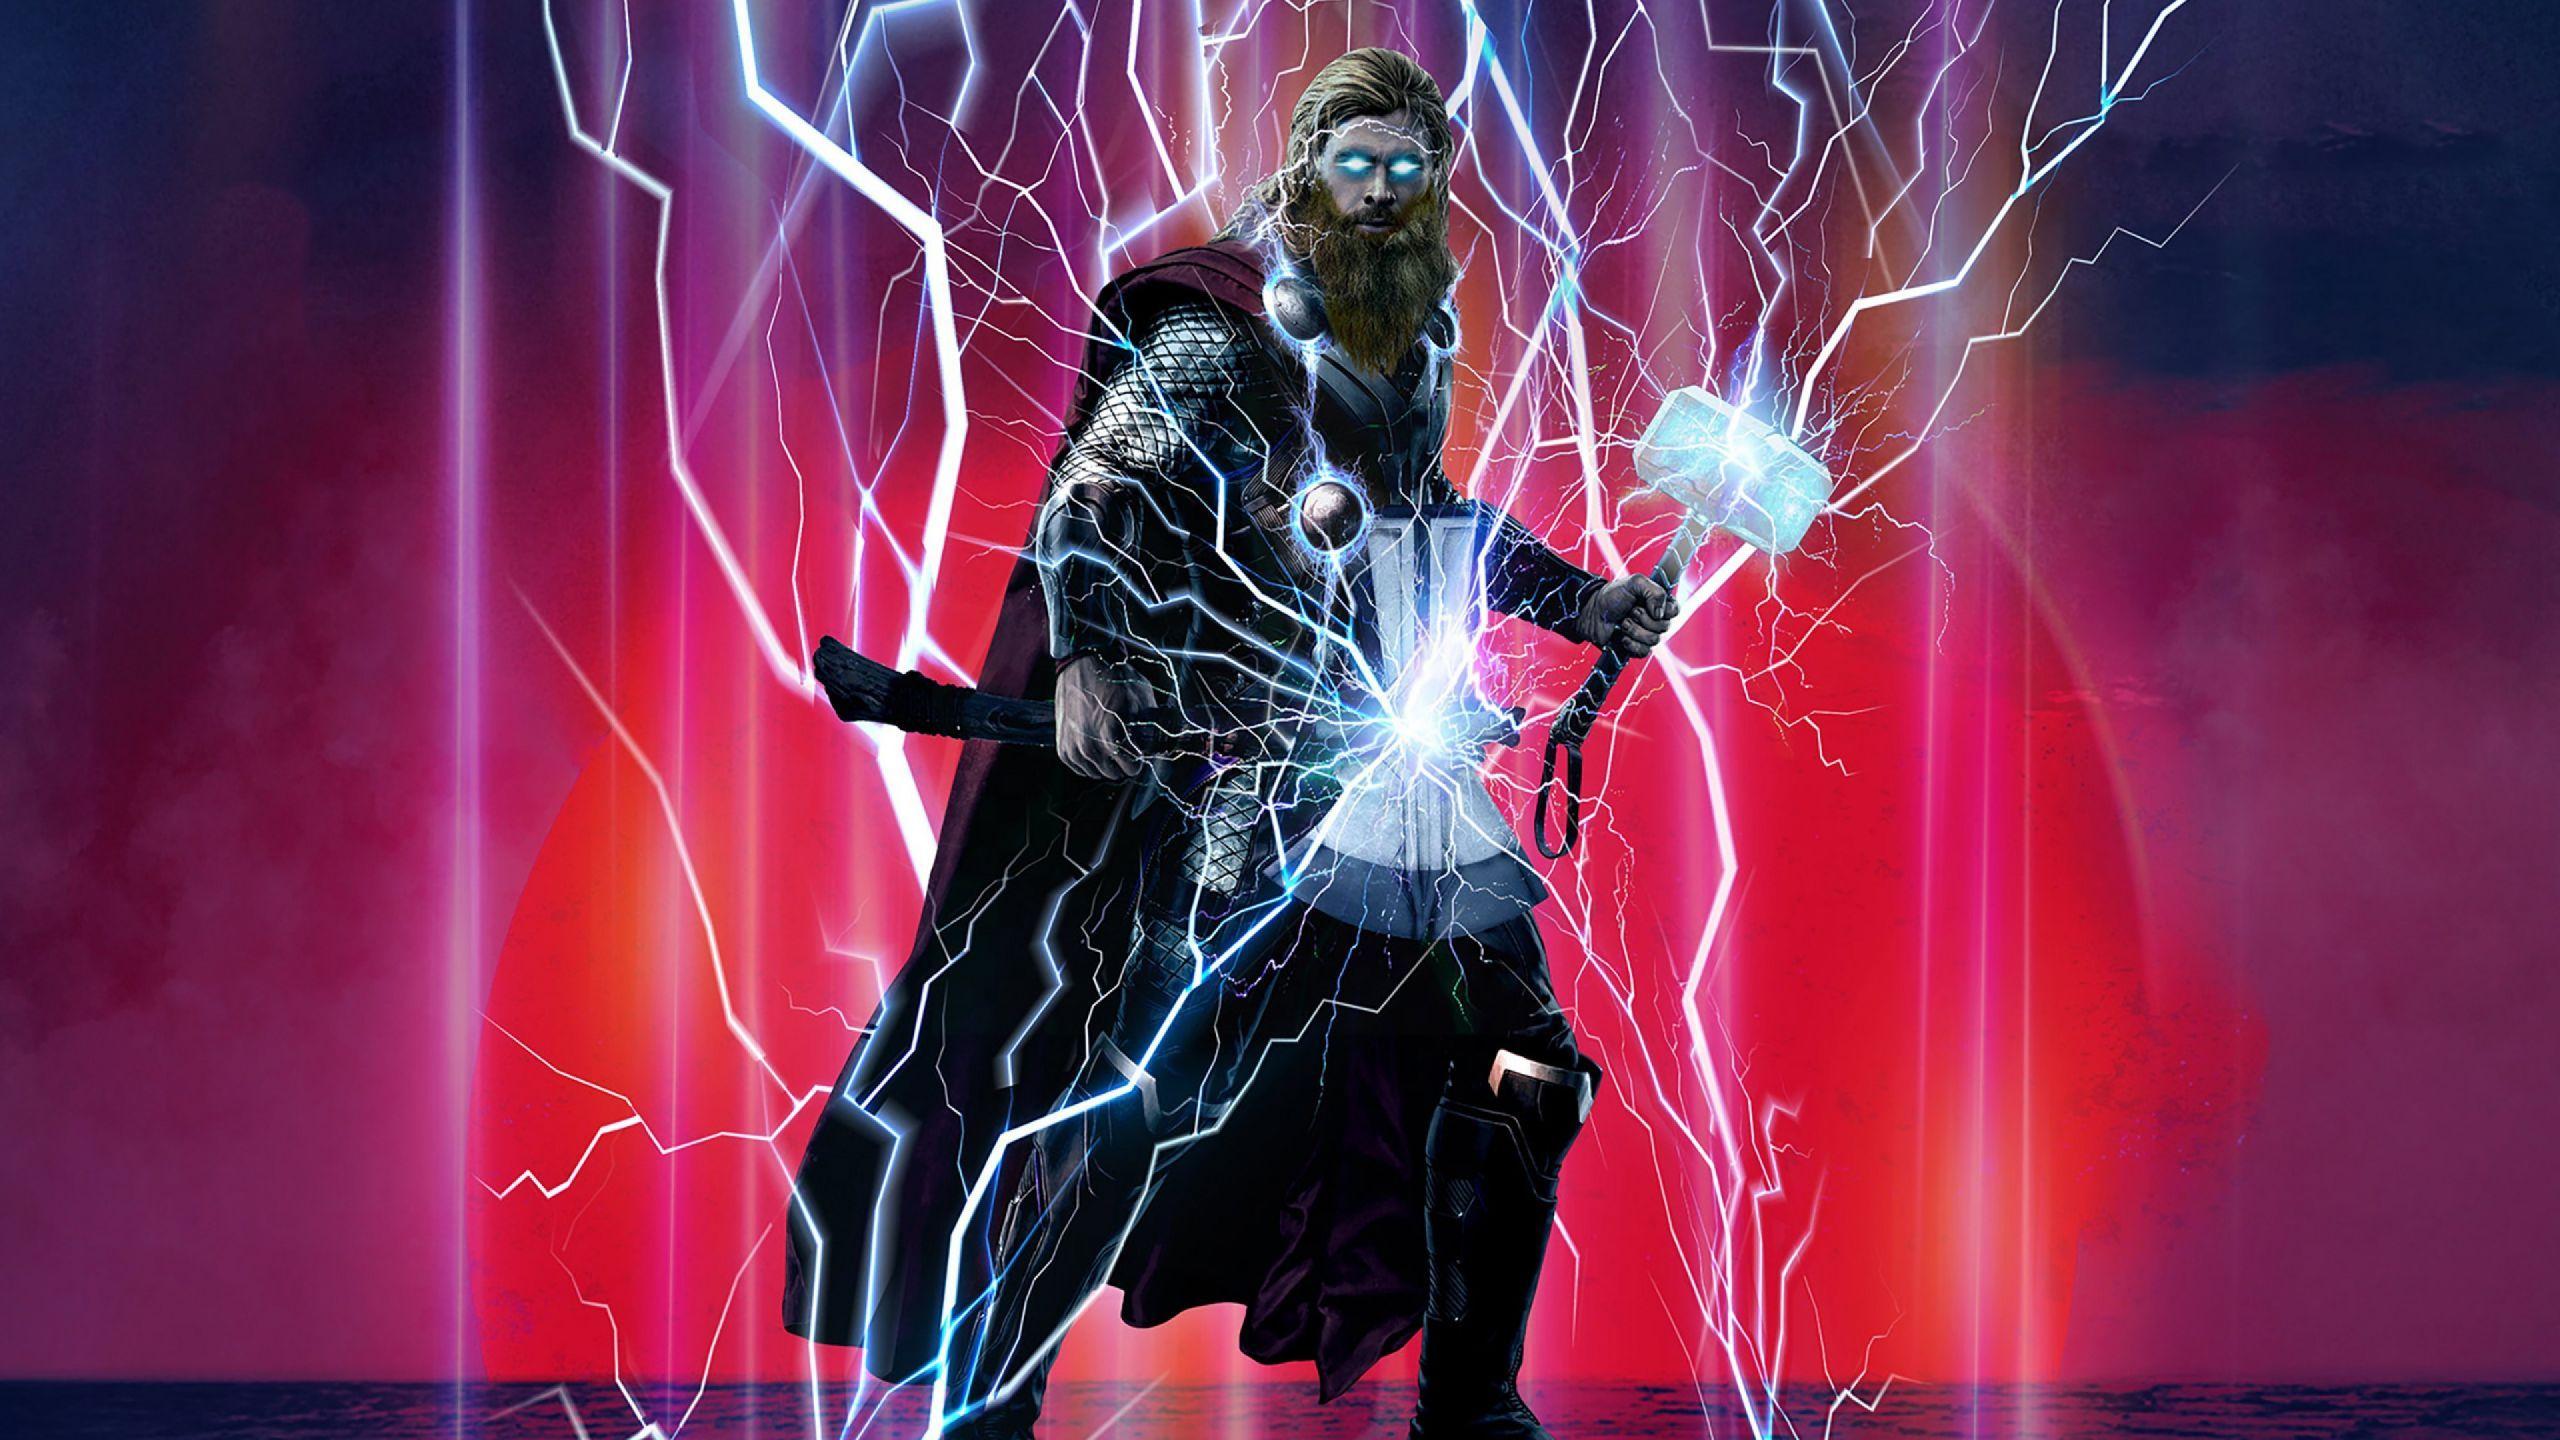 Avengers Endgame Wallpaper Lovely Thor Stormbreaker Mjolnir Avengers Endgame 4k Wallpaper Hd In 2020 Thor Wallpaper Avengers Wallpaper Thor